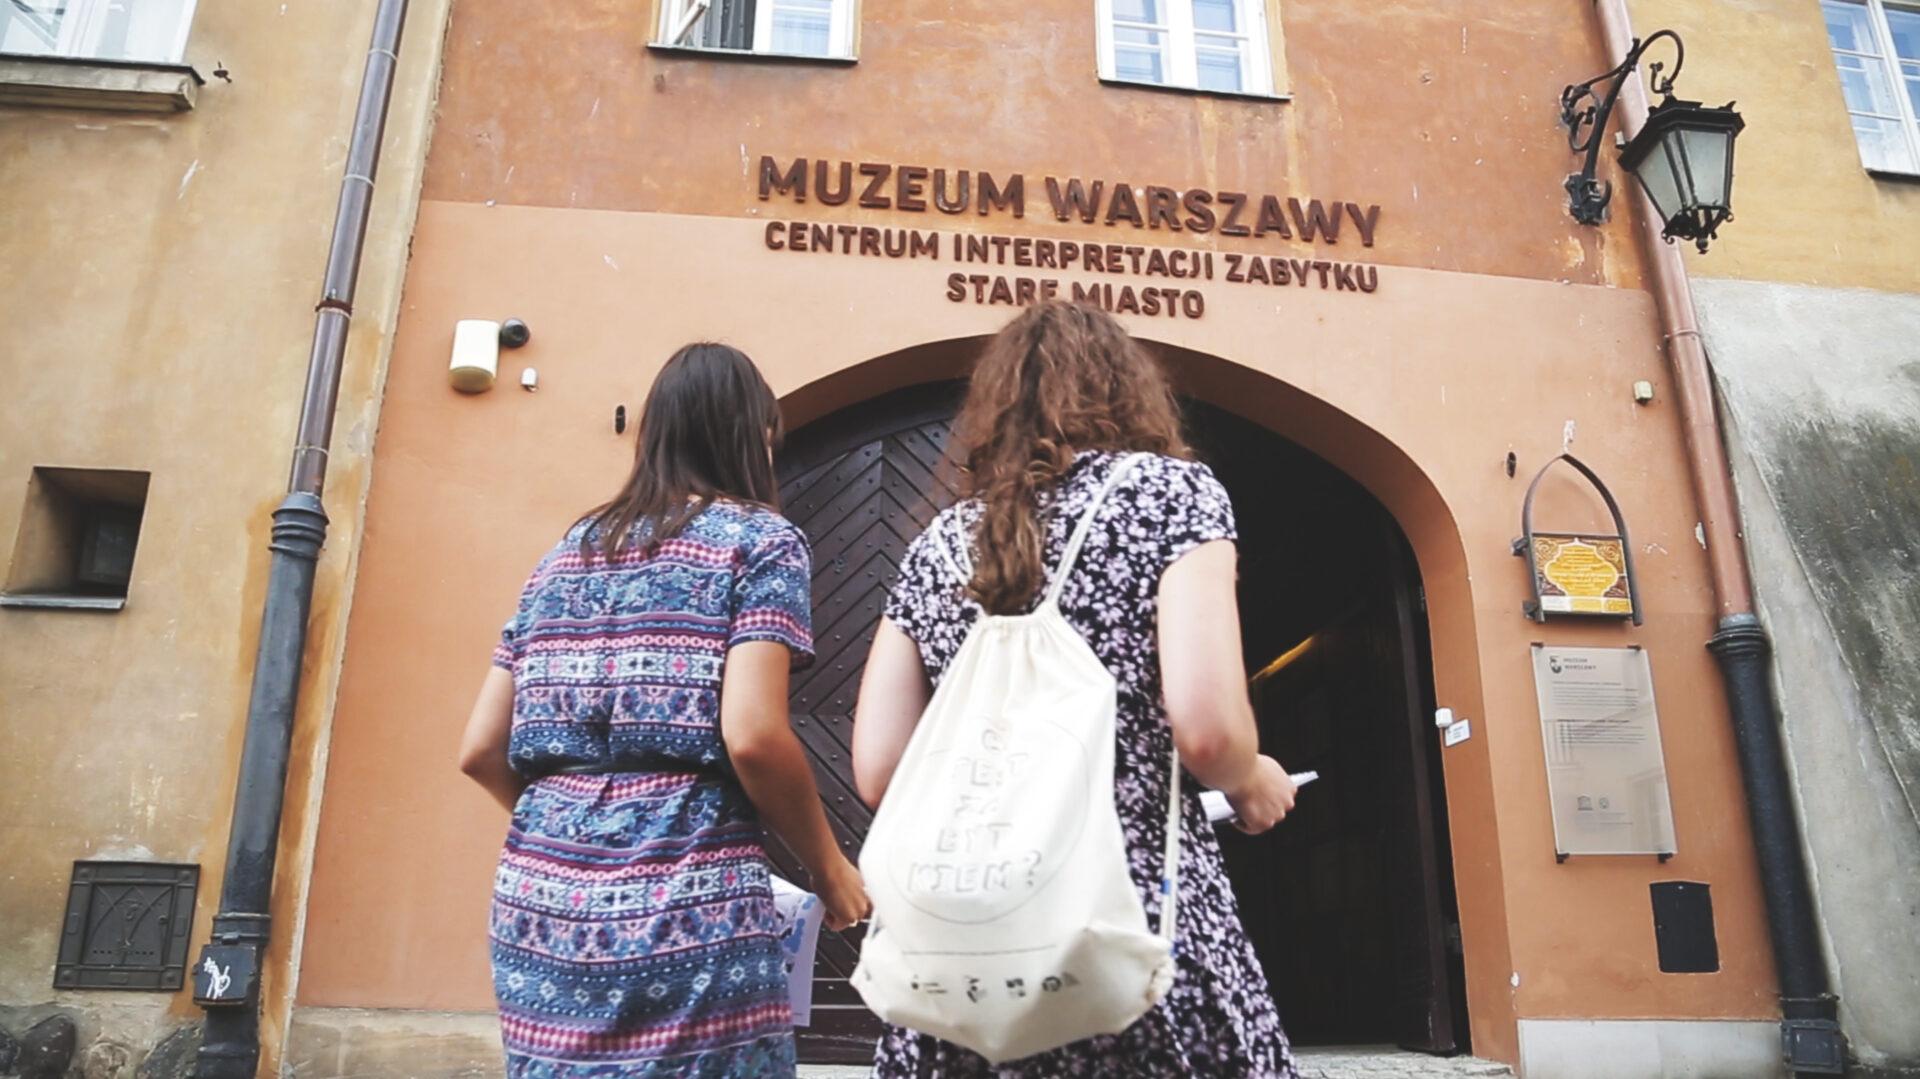 Dwie osoby przed wejściem do budynku. Nad drzwiami napis Muzeum warszawy Centrum Interpretacji Zabytku.